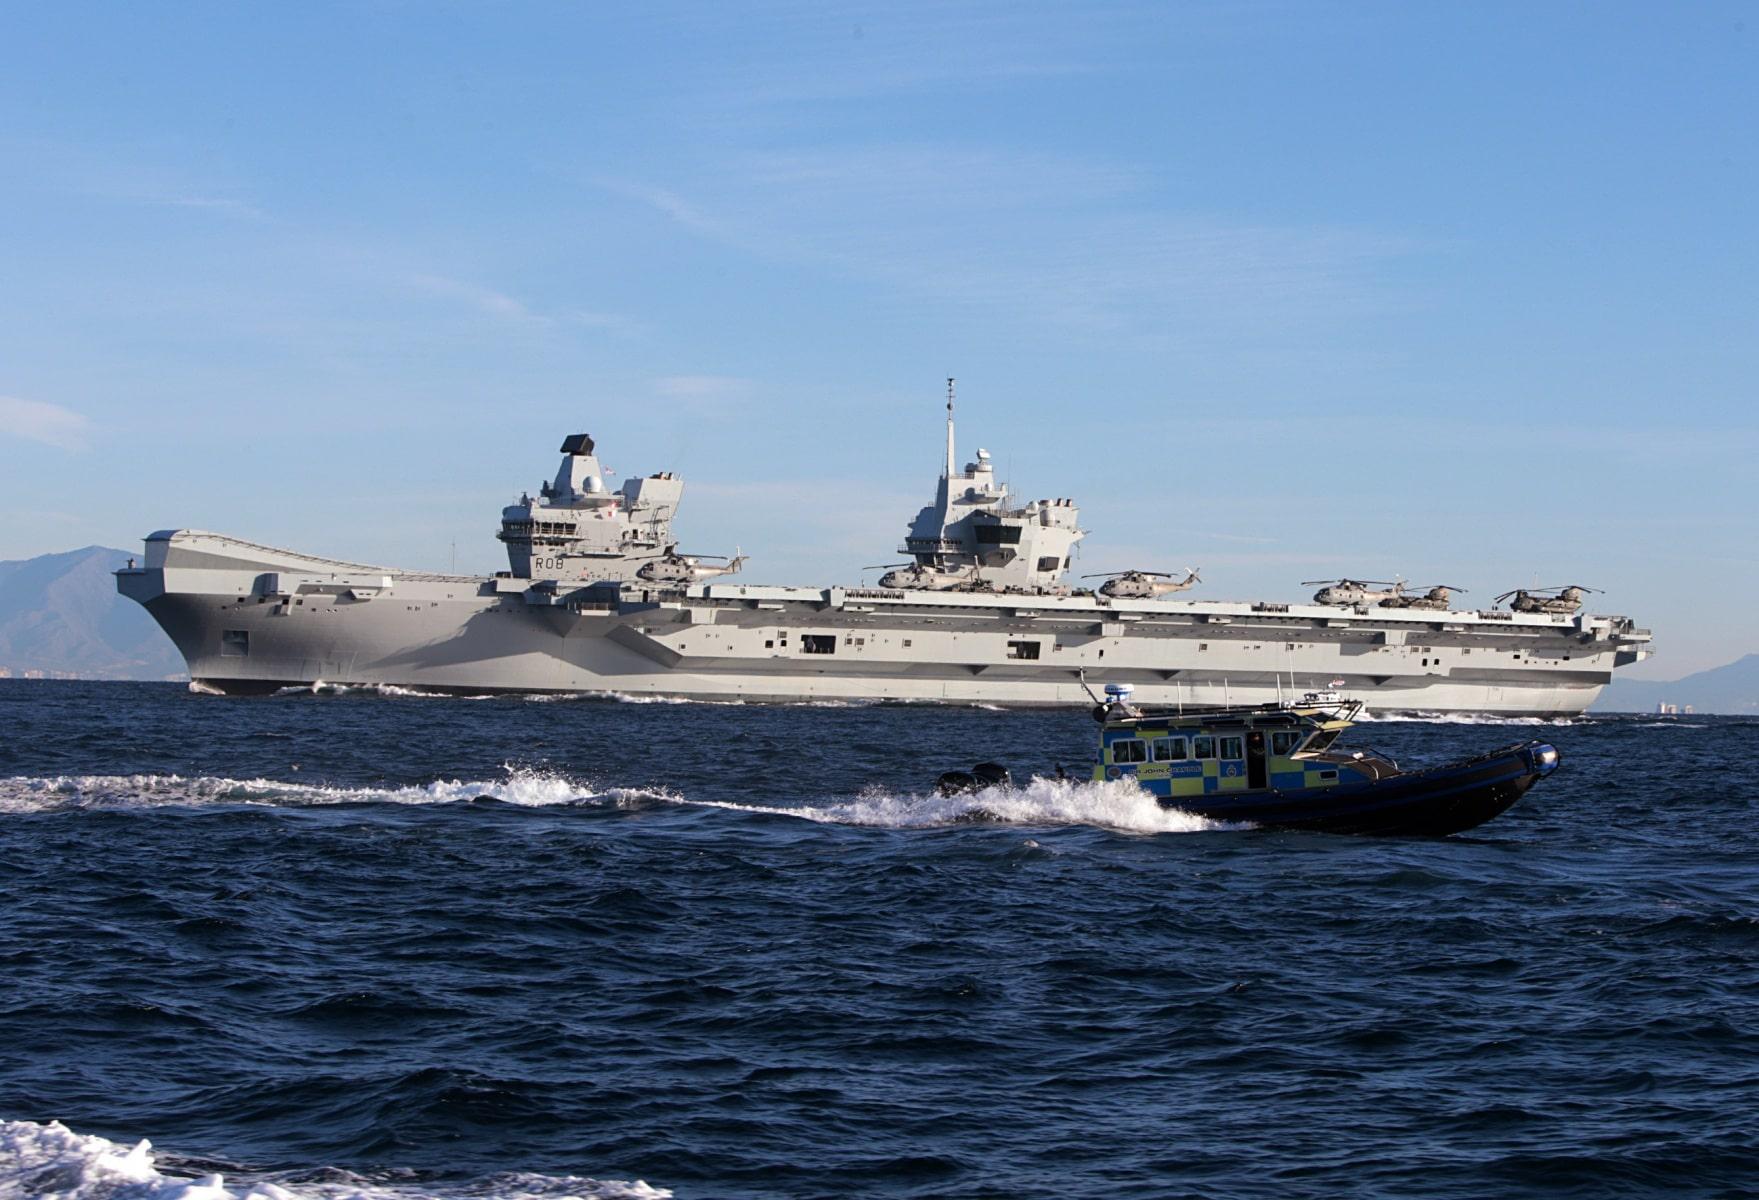 portaaviones-hms-queen-elizabeth-llegando-a-gibraltar-imagen-tomada-desde-uno-de-los-buques-de-apoyo-via-royal-navy-30_28386230879_o